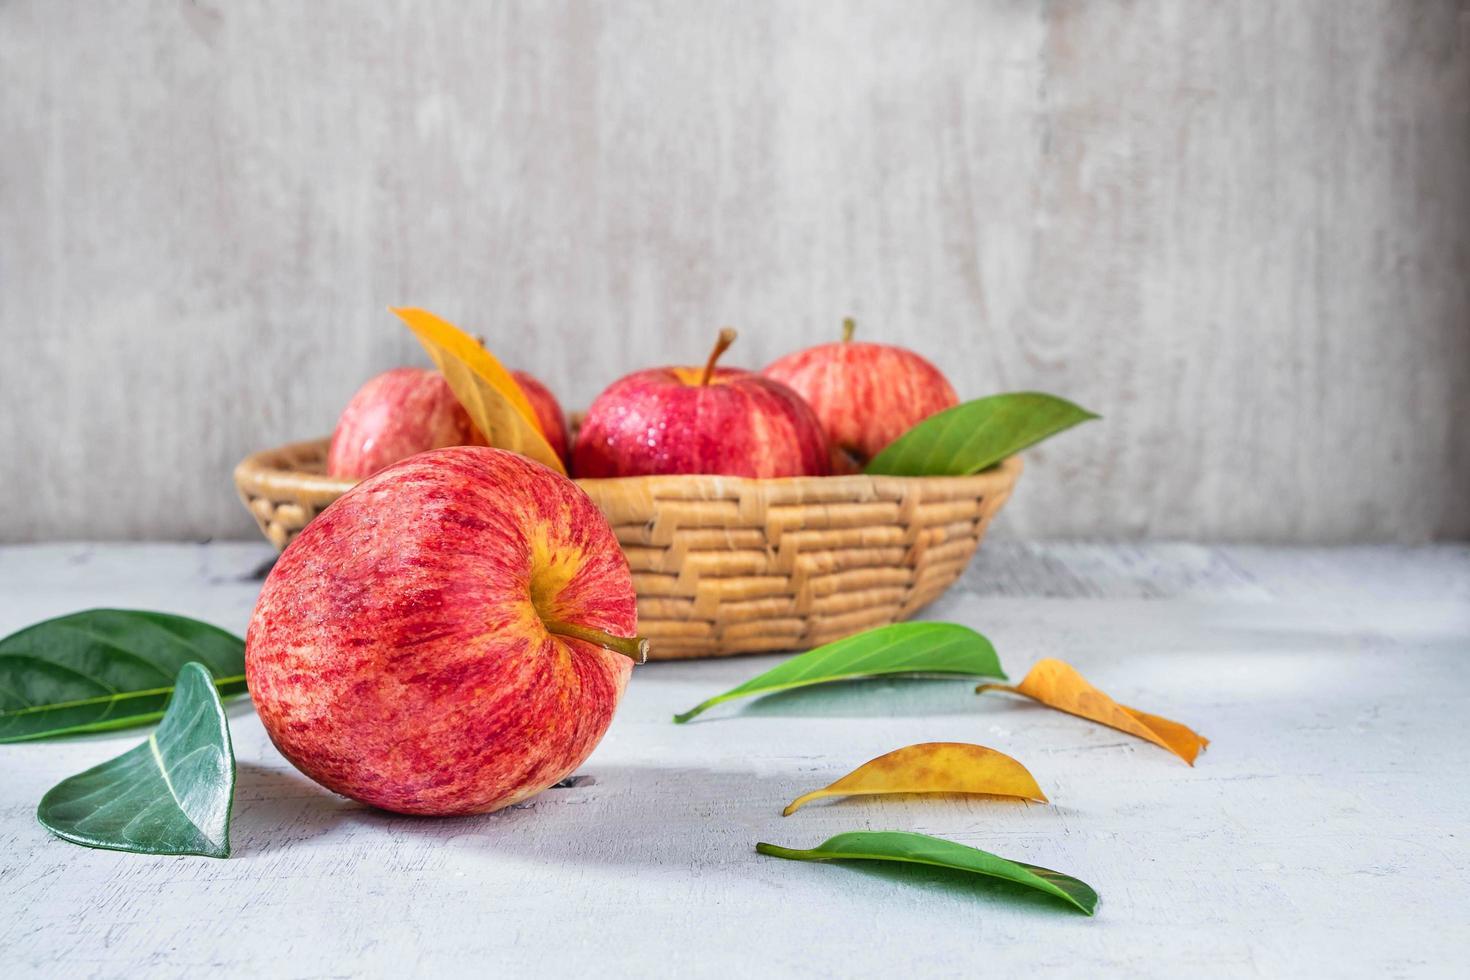 mele rosse su un tavolo di legno bianco foto